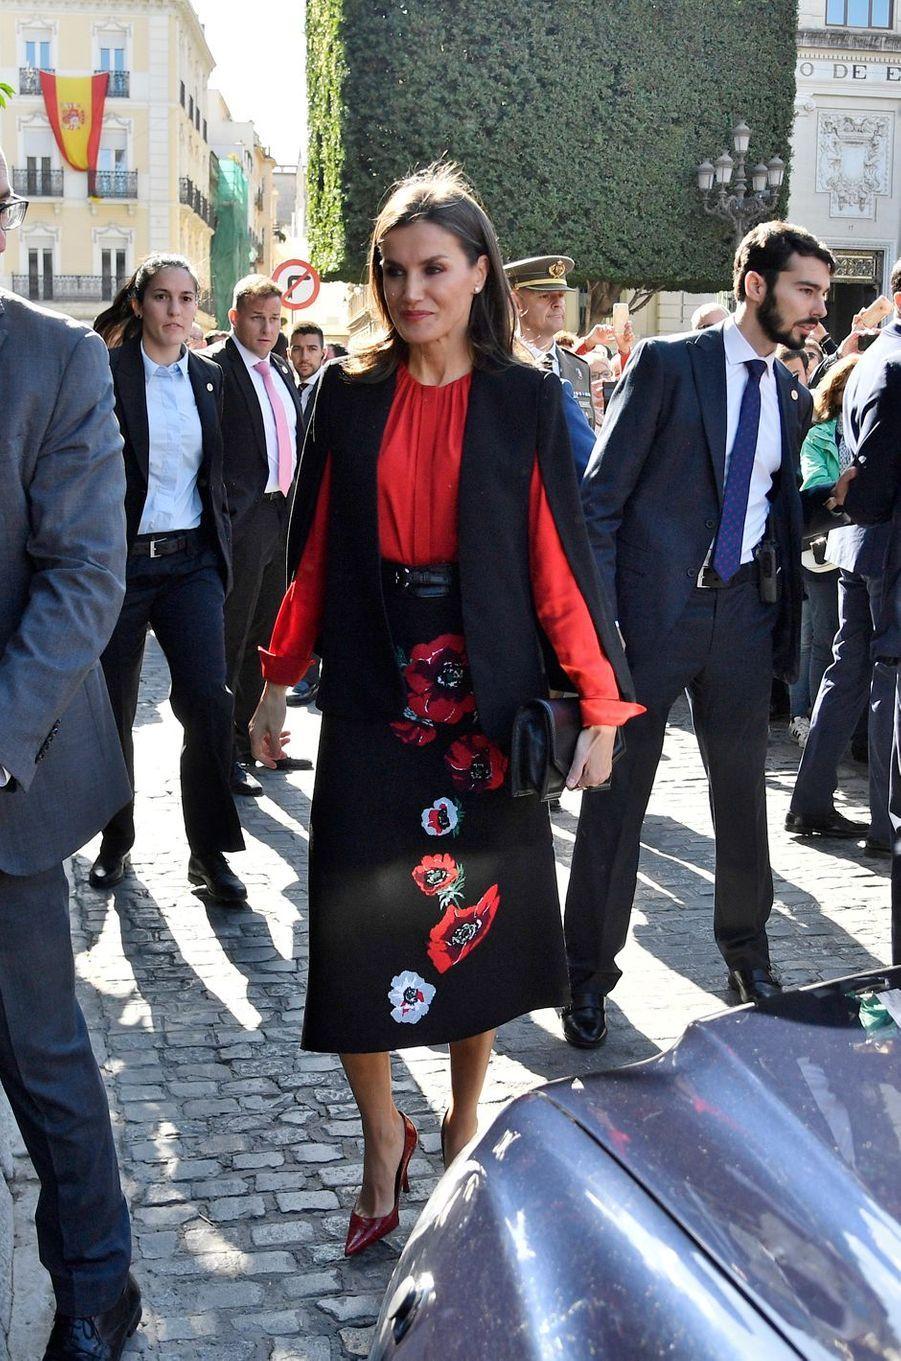 La reine Letizia d'Espagne dans un look noir et rouge à Séville, le 8 novembre 2019